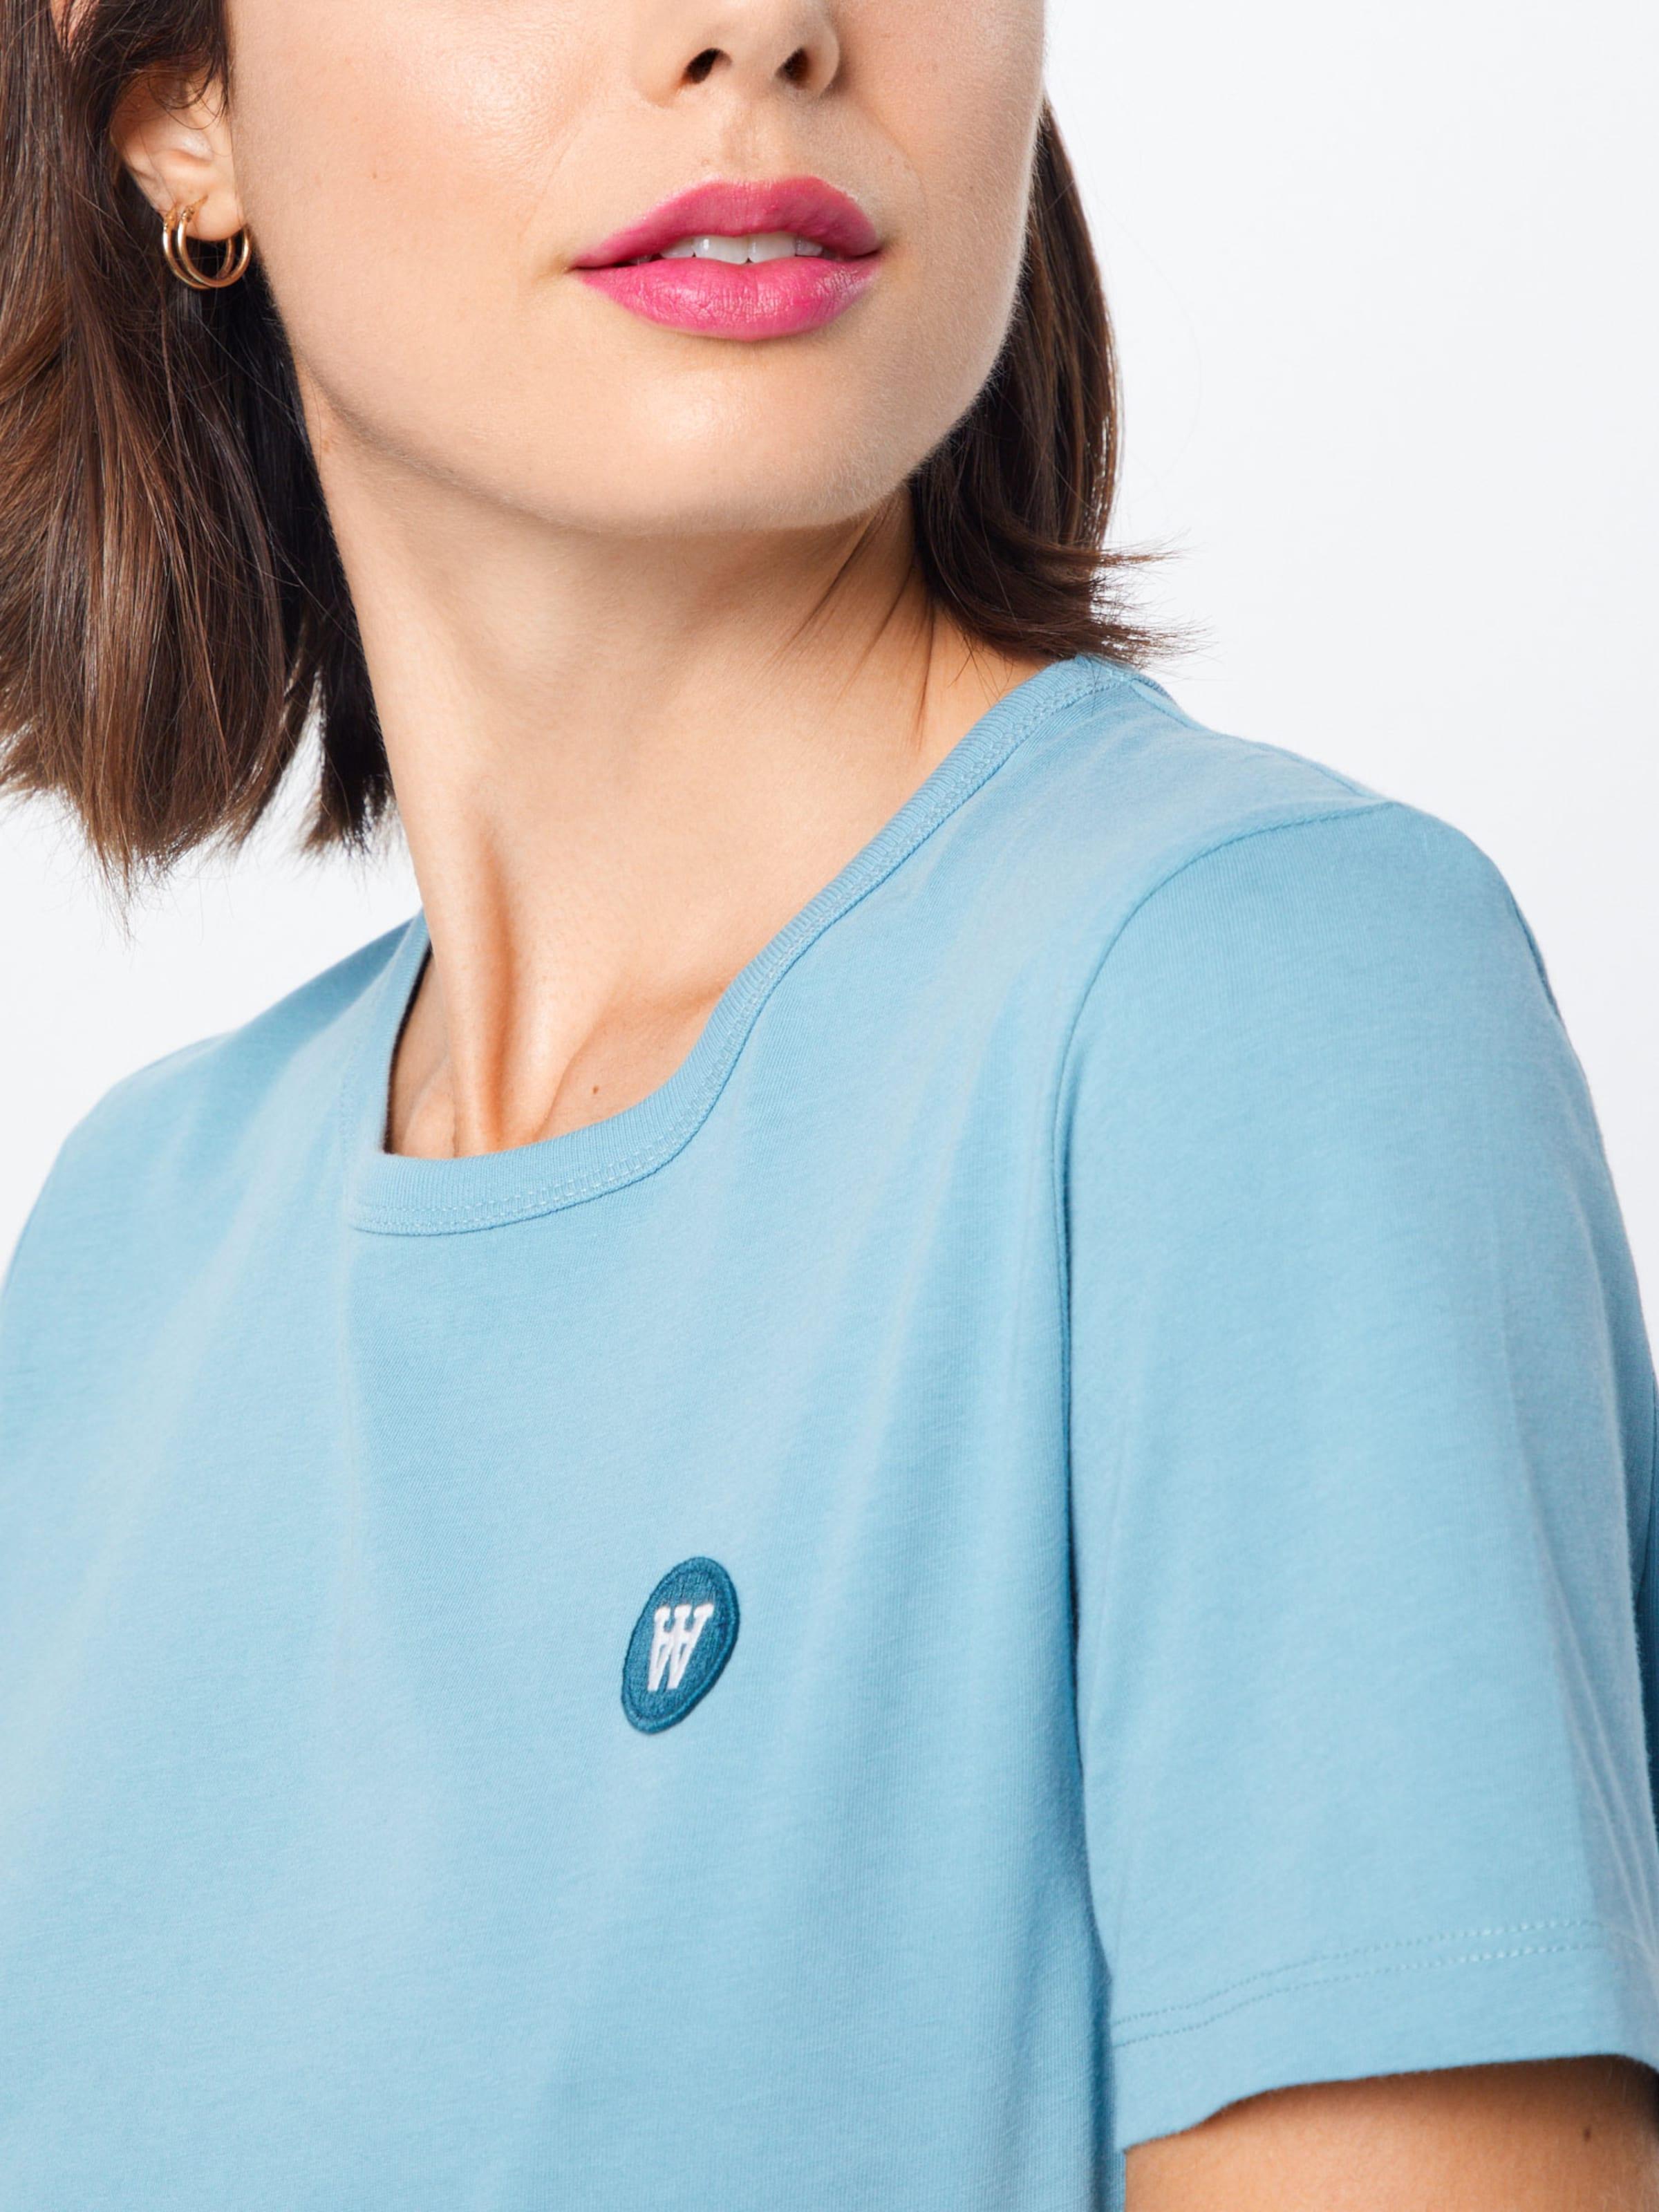 WOOD WOOD Póló 'UMA' kék színben